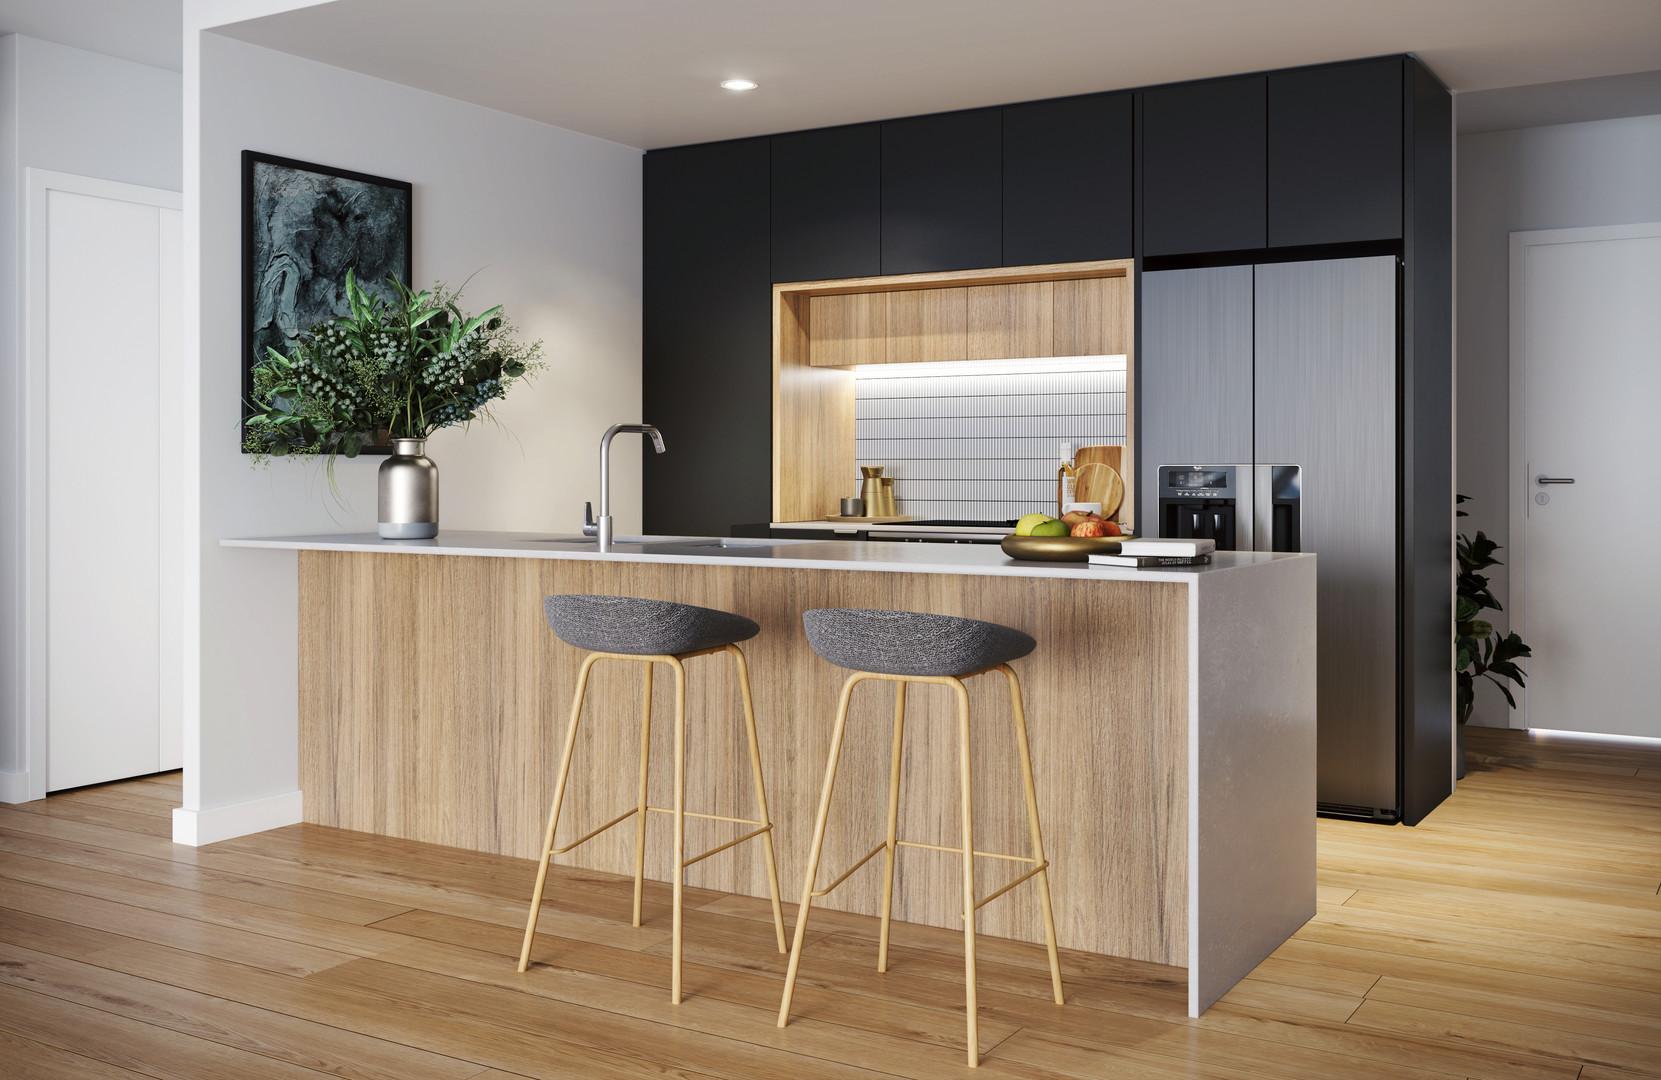 2 Bed Kitchen.jpg